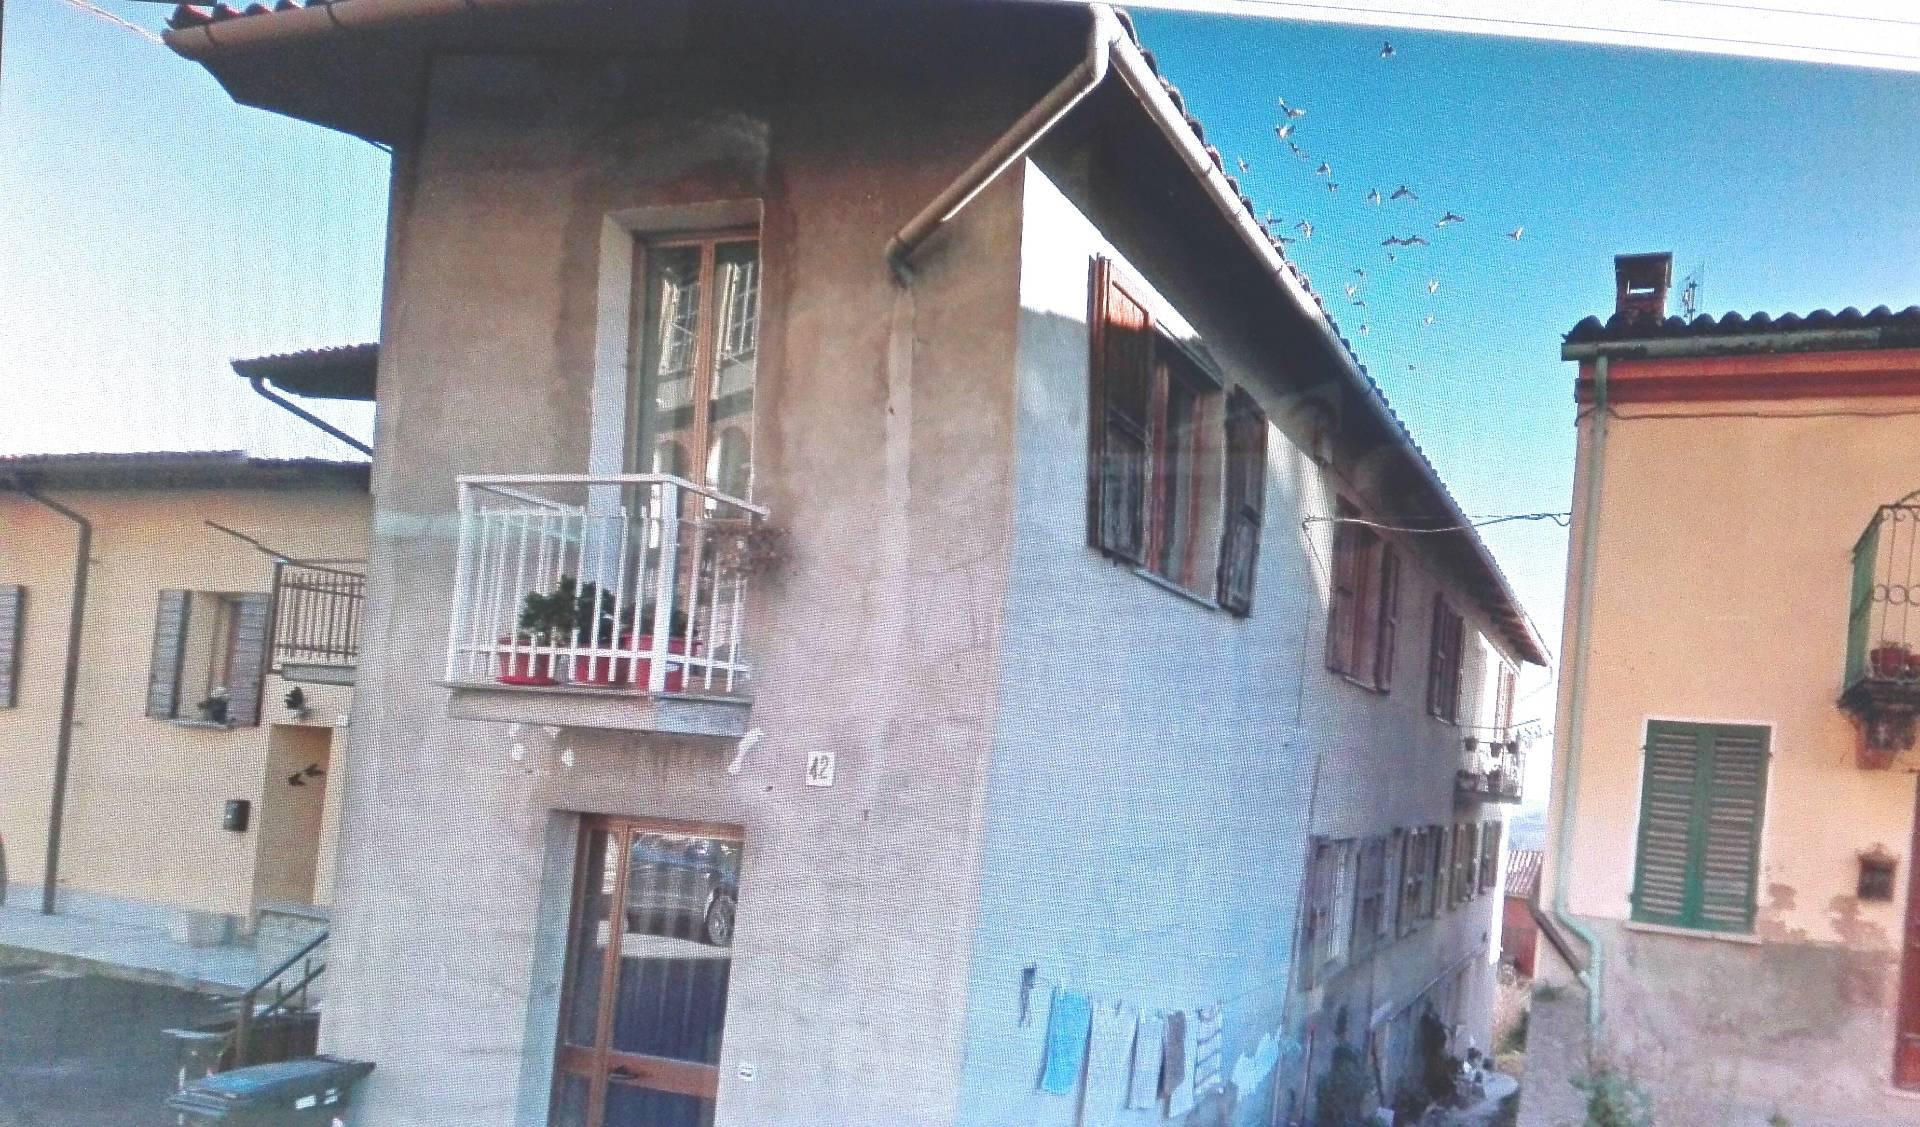 Soluzione Semindipendente in vendita a Camagna Monferrato, 7 locali, prezzo € 85.000 | CambioCasa.it